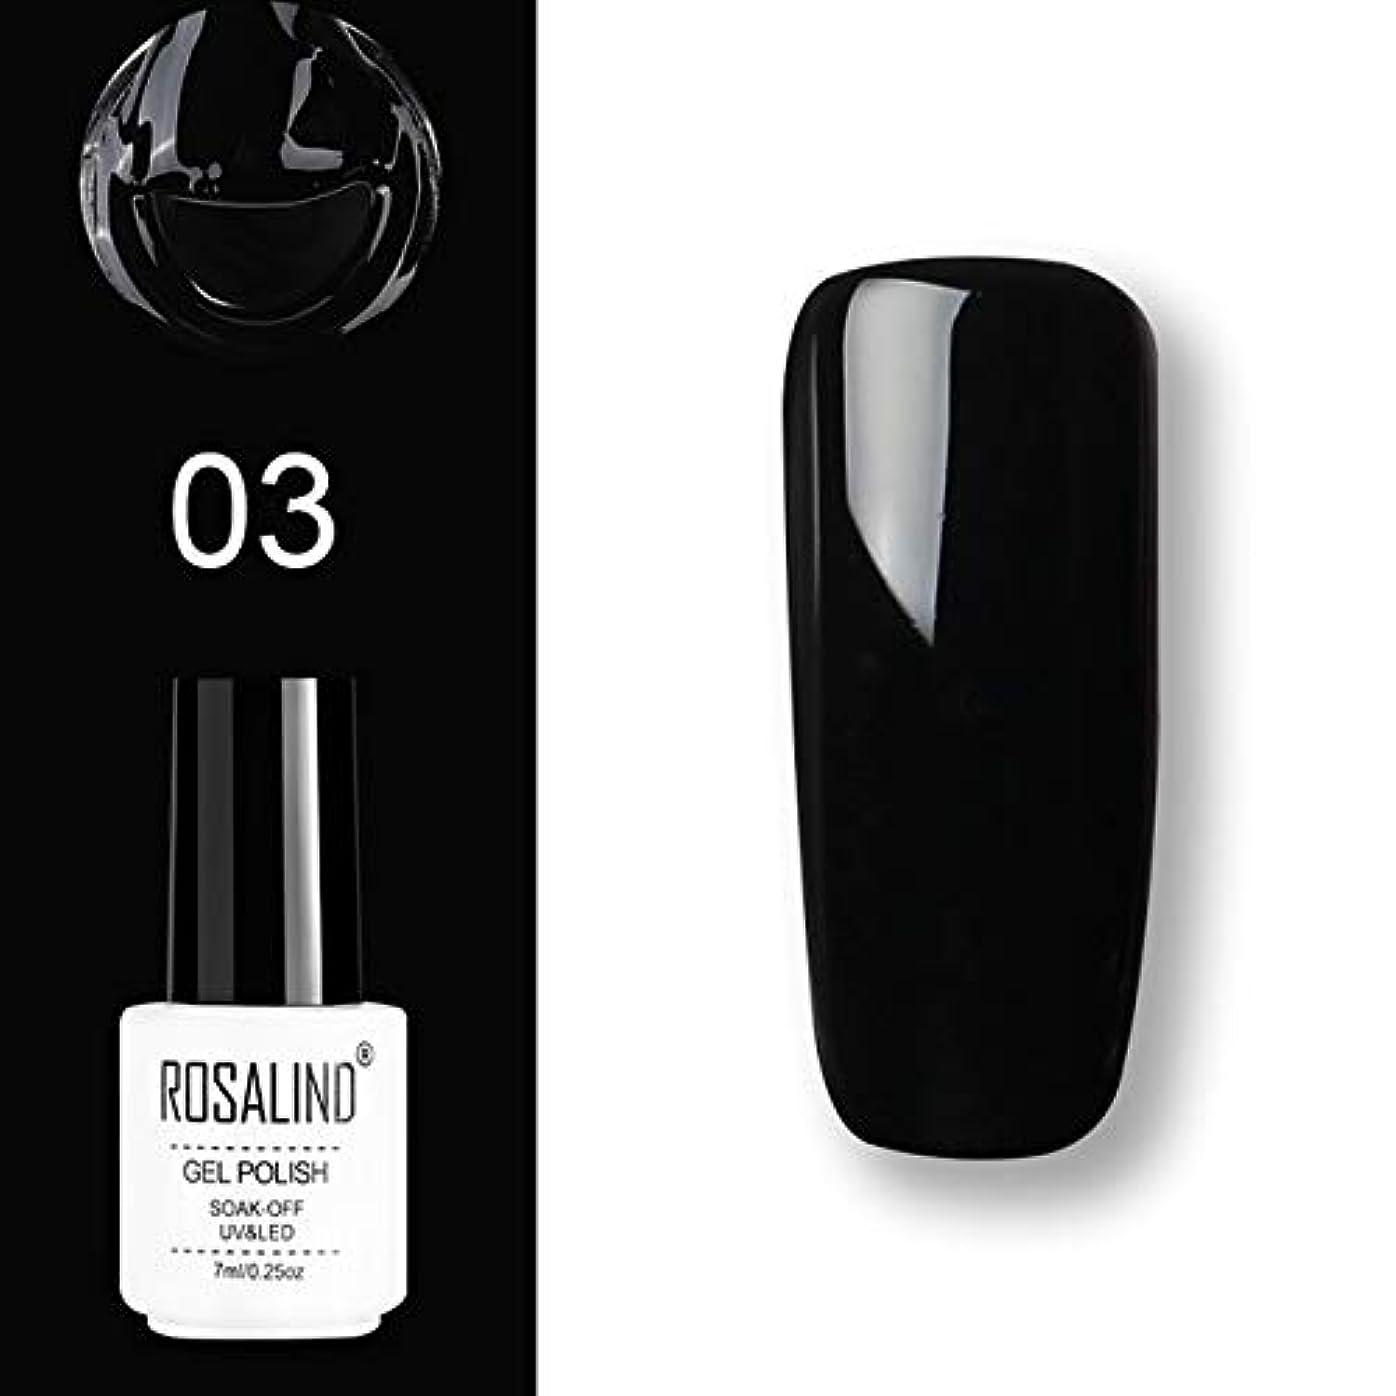 傘追記すぐにファッションアイテム ROSALINDジェルポリッシュセットUV半永久プライマートップコートポリジェルニスネイルアートマニキュアジェル、容量:7ml 03ブラック 環境に優しいマニキュア